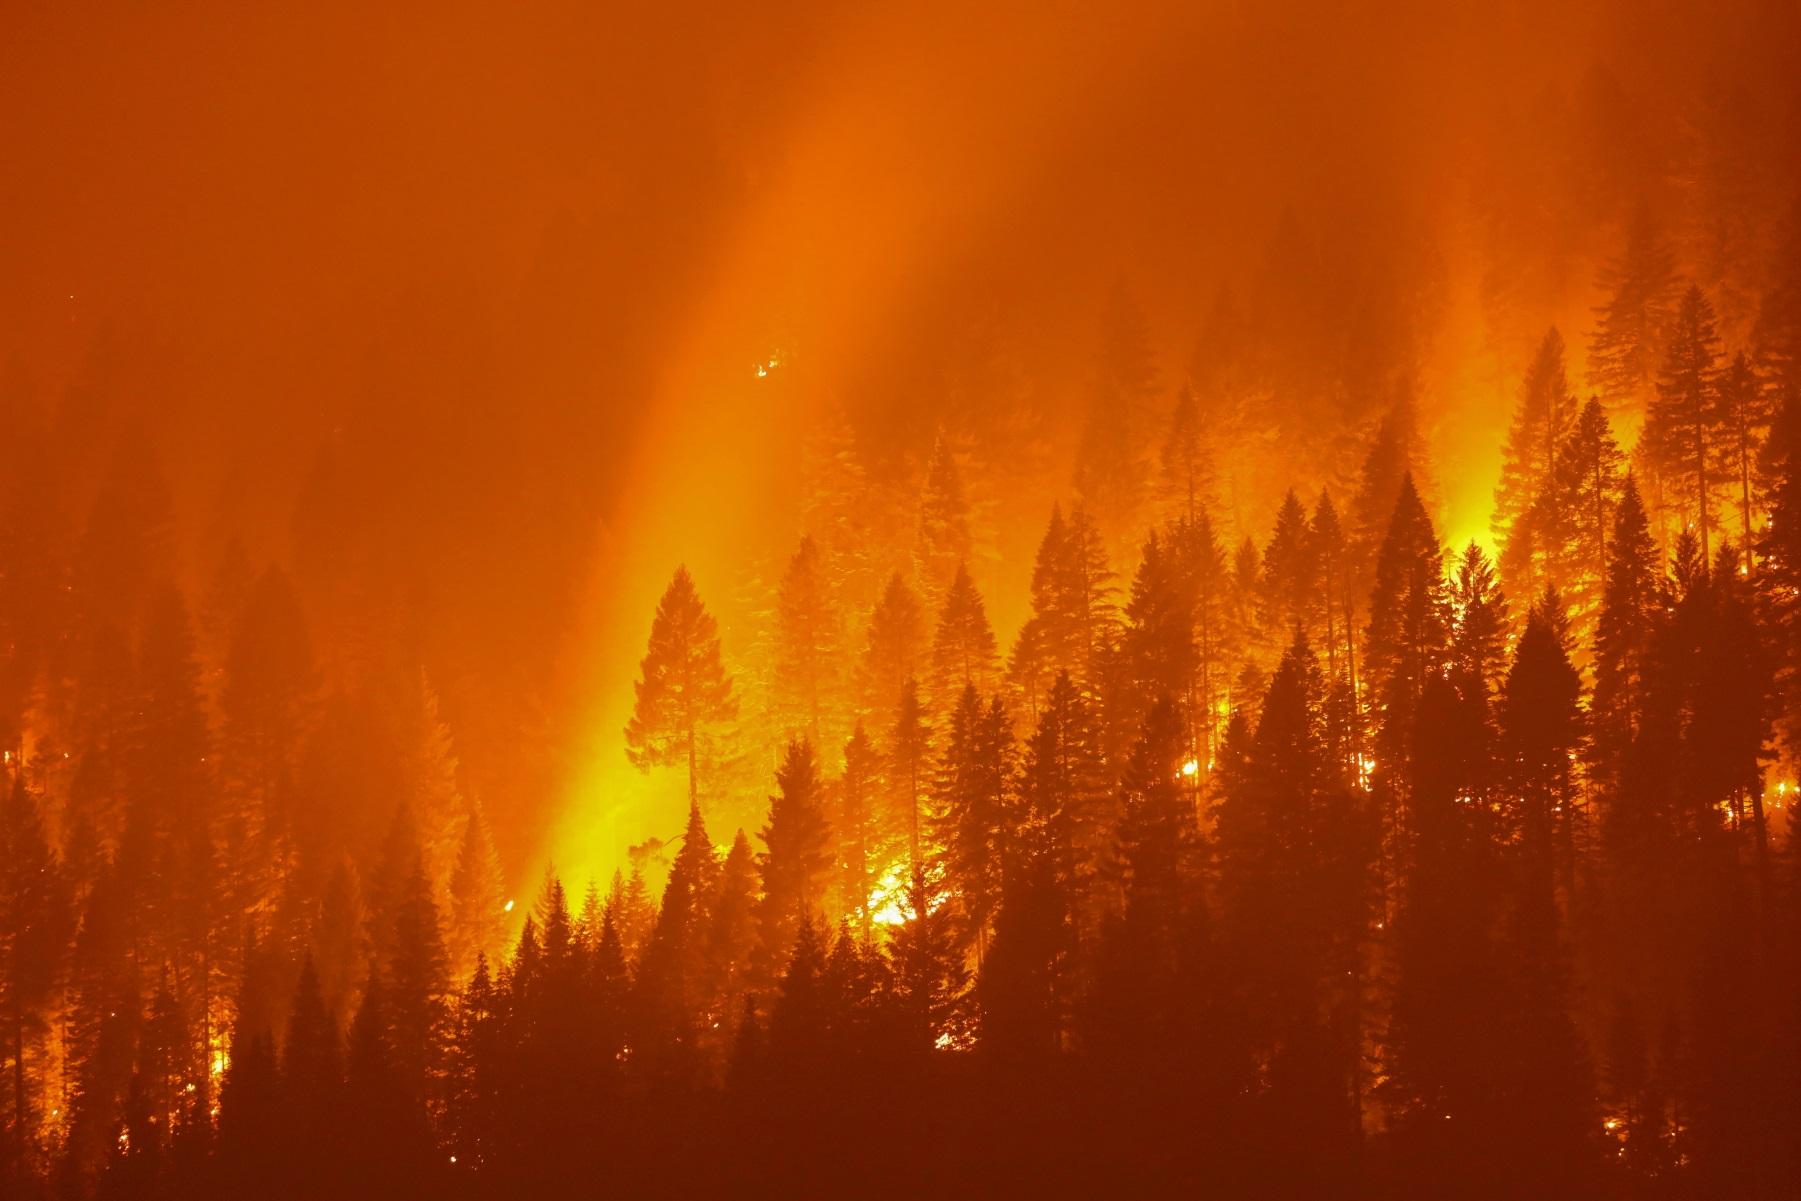 Κλιματική κρίση – Νίκος Δένδιας: Ανάρτηση για την παγκόσμια ημέρα ανθρωπιστικής δράσης